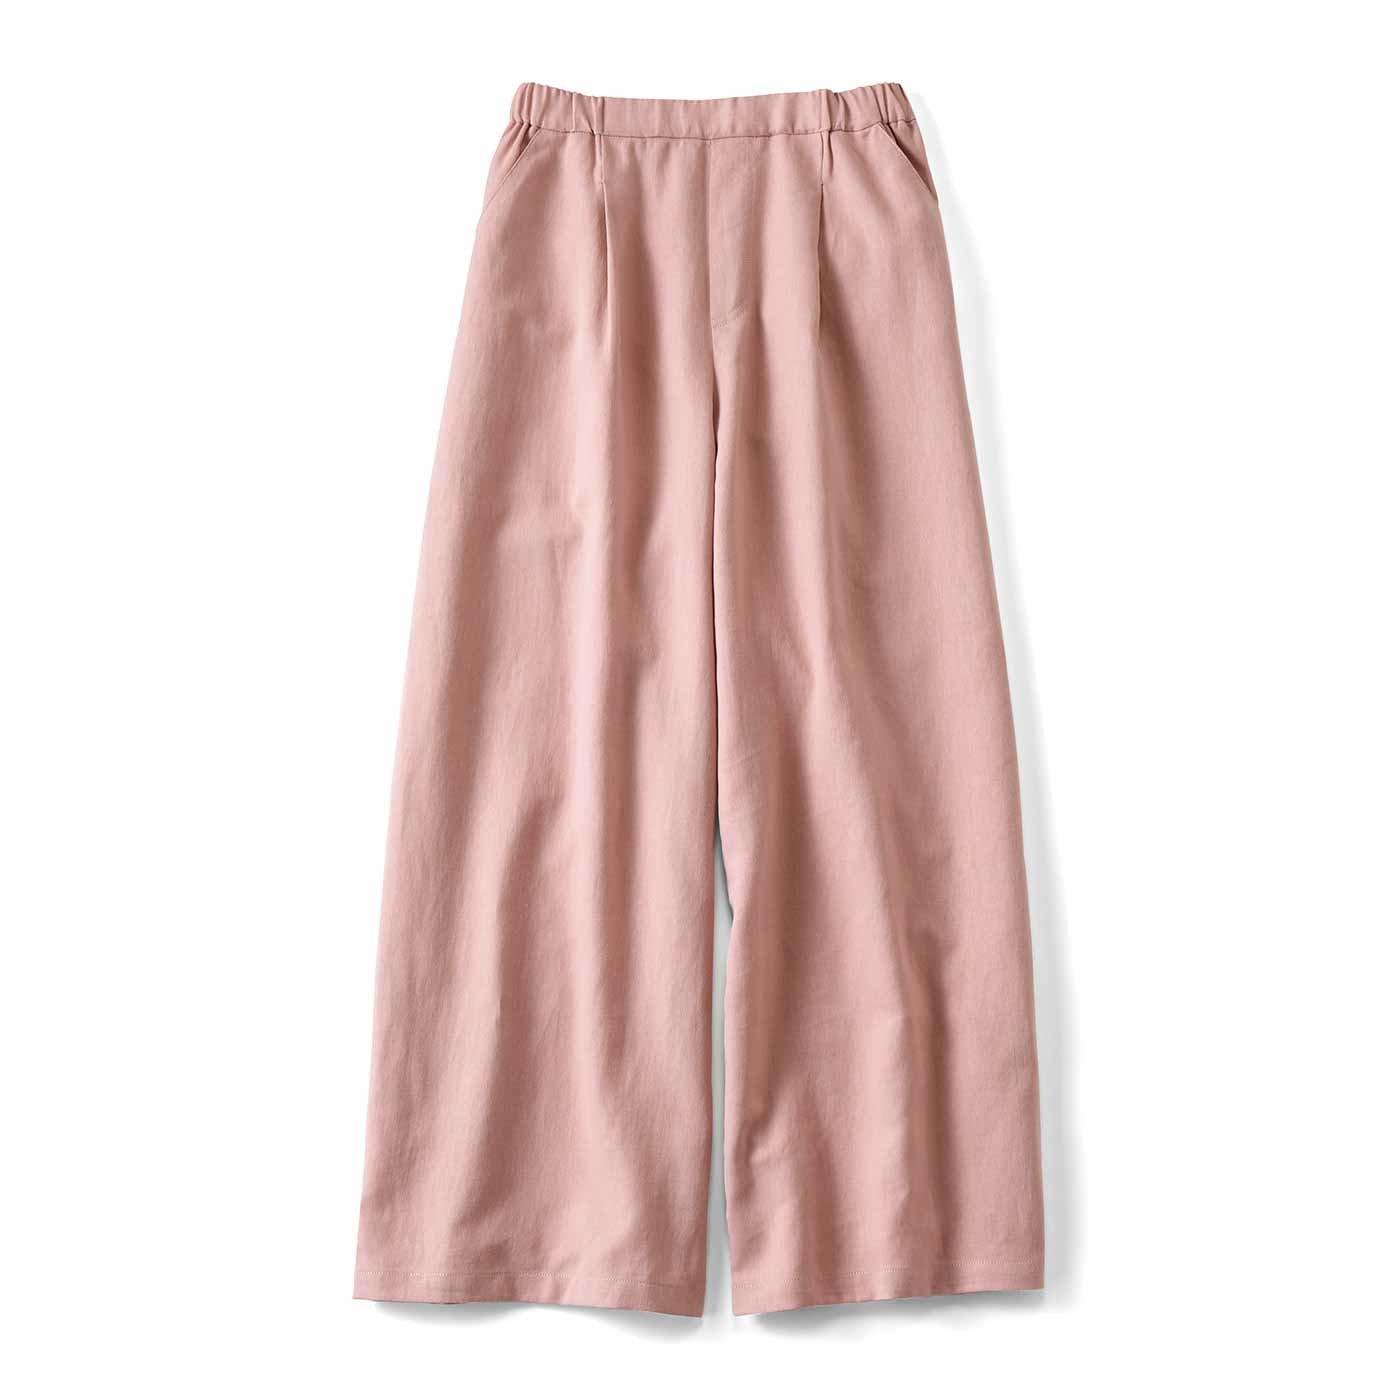 一枚で重ね着で 縁の下の力持ち綿麻パンツ〈くすみピンク〉